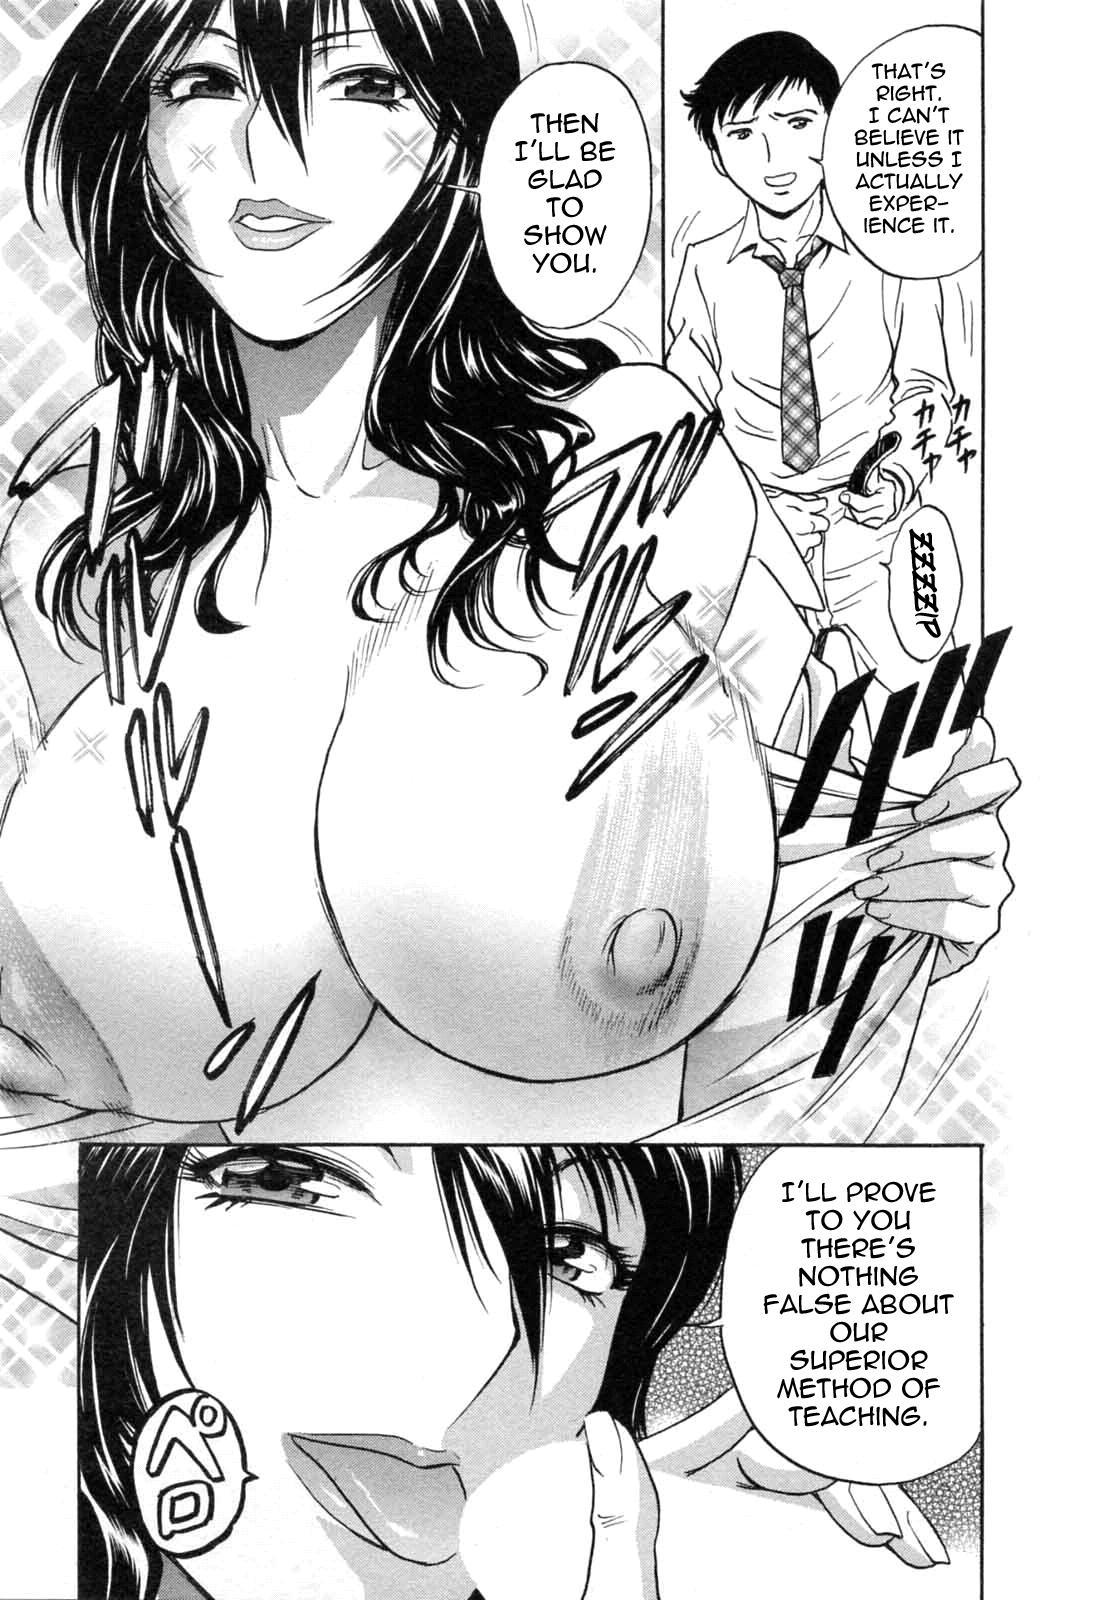 [Hidemaru] Mo-Retsu! Boin Sensei (Boing Boing Teacher) Vol.5 [English] [4dawgz] [Tadanohito] 19